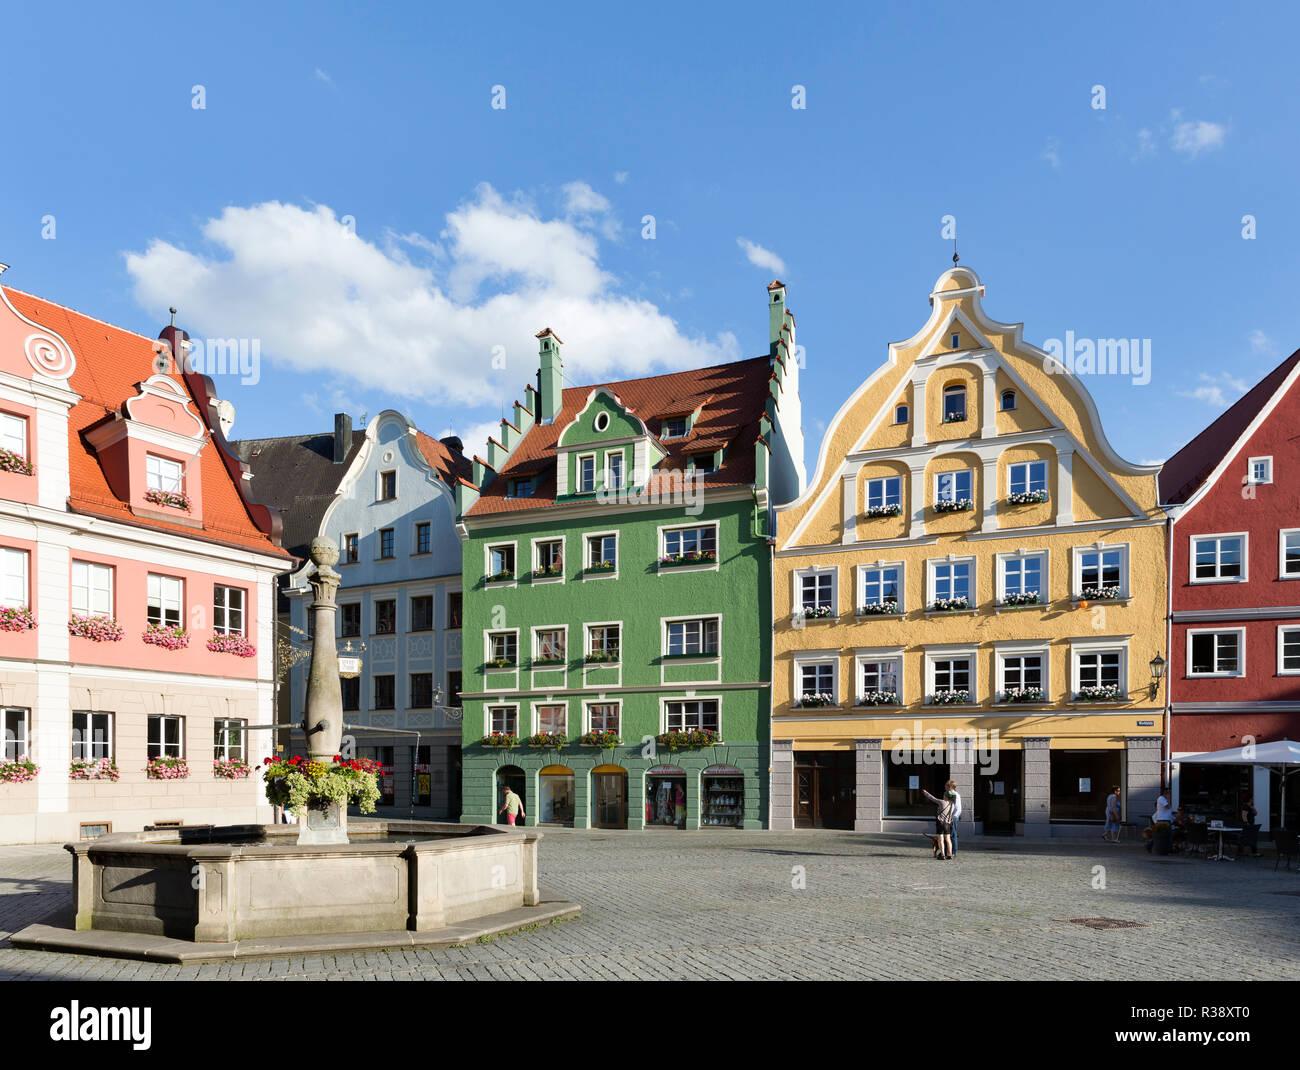 Historische Burgerhauser Am Marktplatz Memmingen Schwaben Bayern